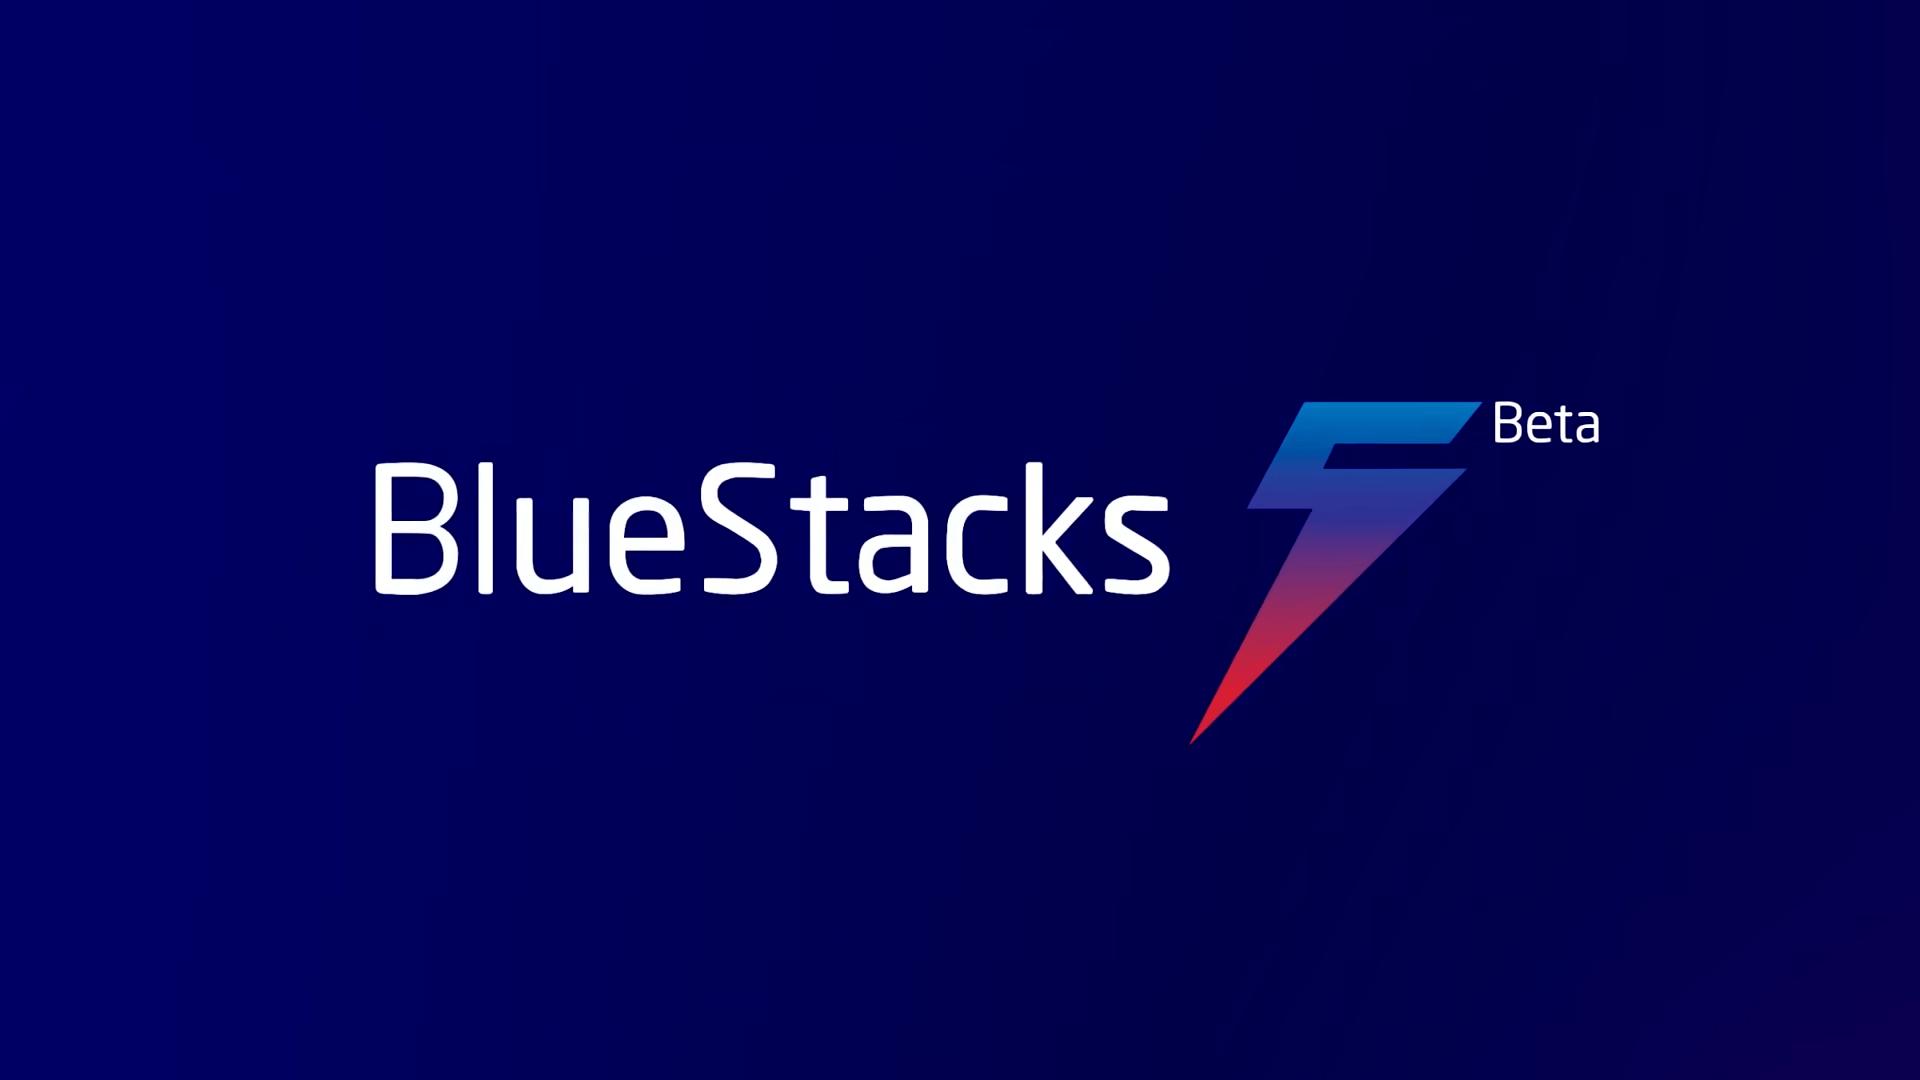 BlueStacks 5 weltweite Veröffentlichung – 7 Gründe warum du die neue Version ausprobieren solltest